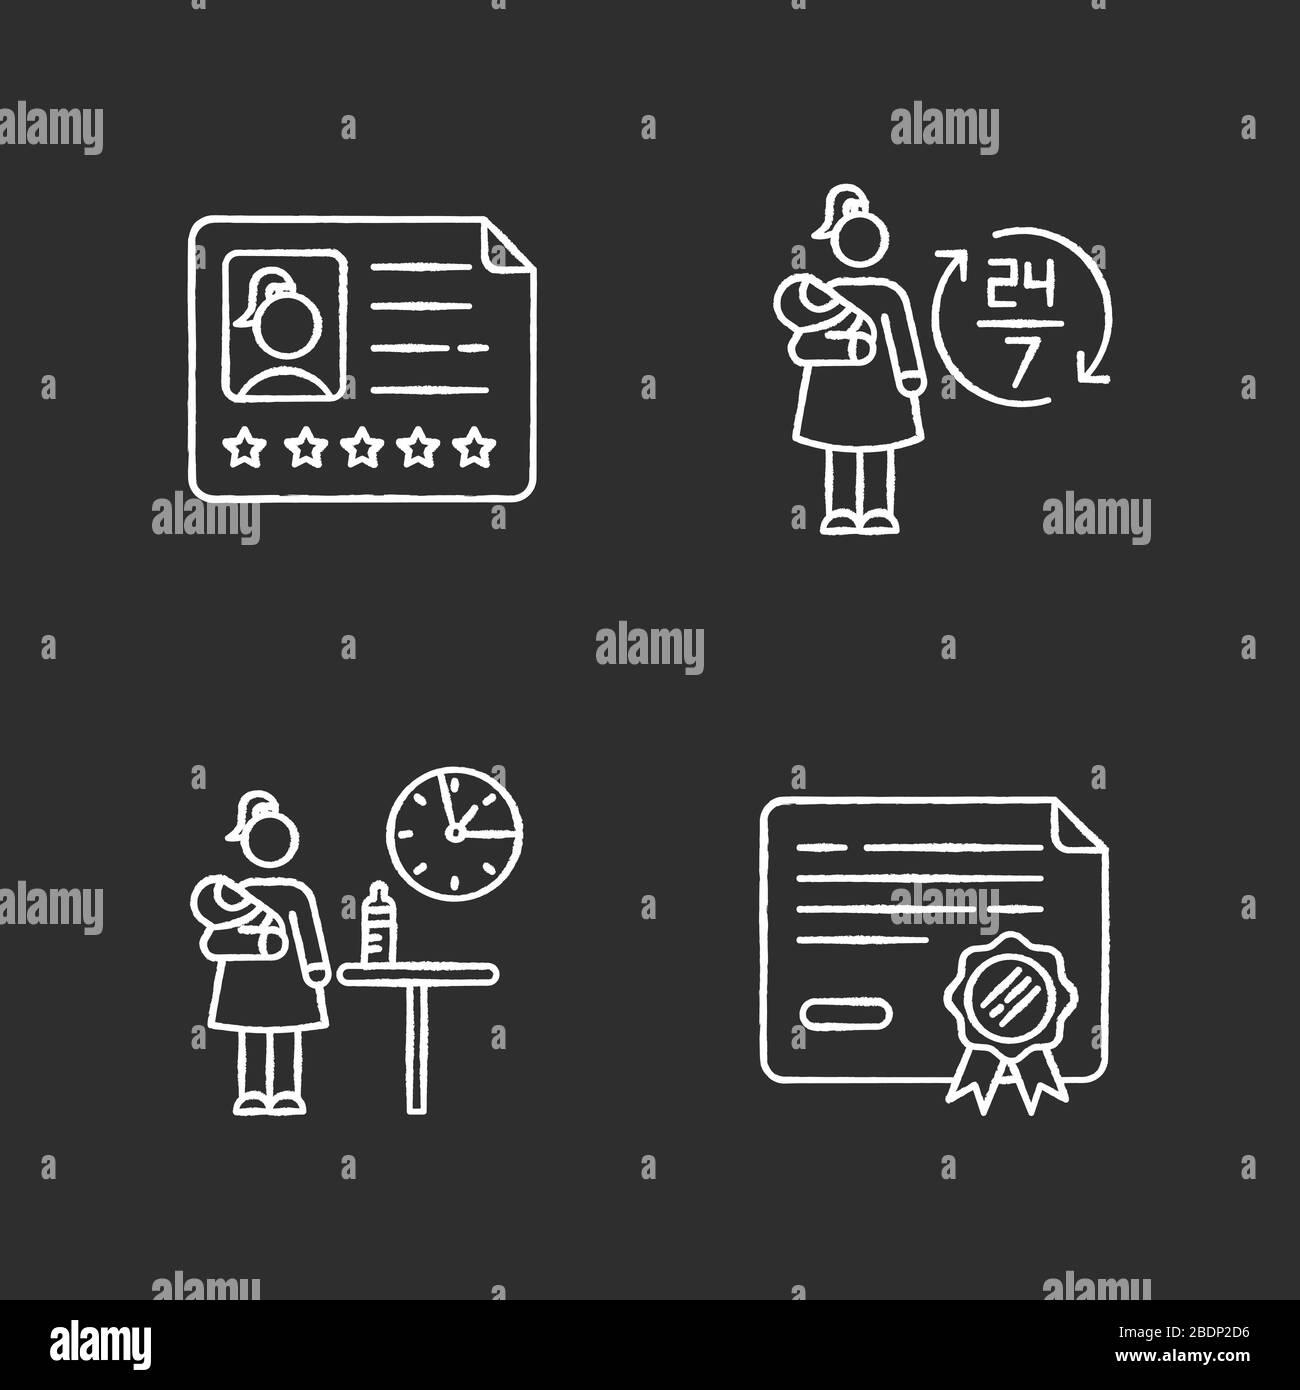 Free Babysitter Vector - Download Free Vectors, Clipart Graphics & Vector  Art